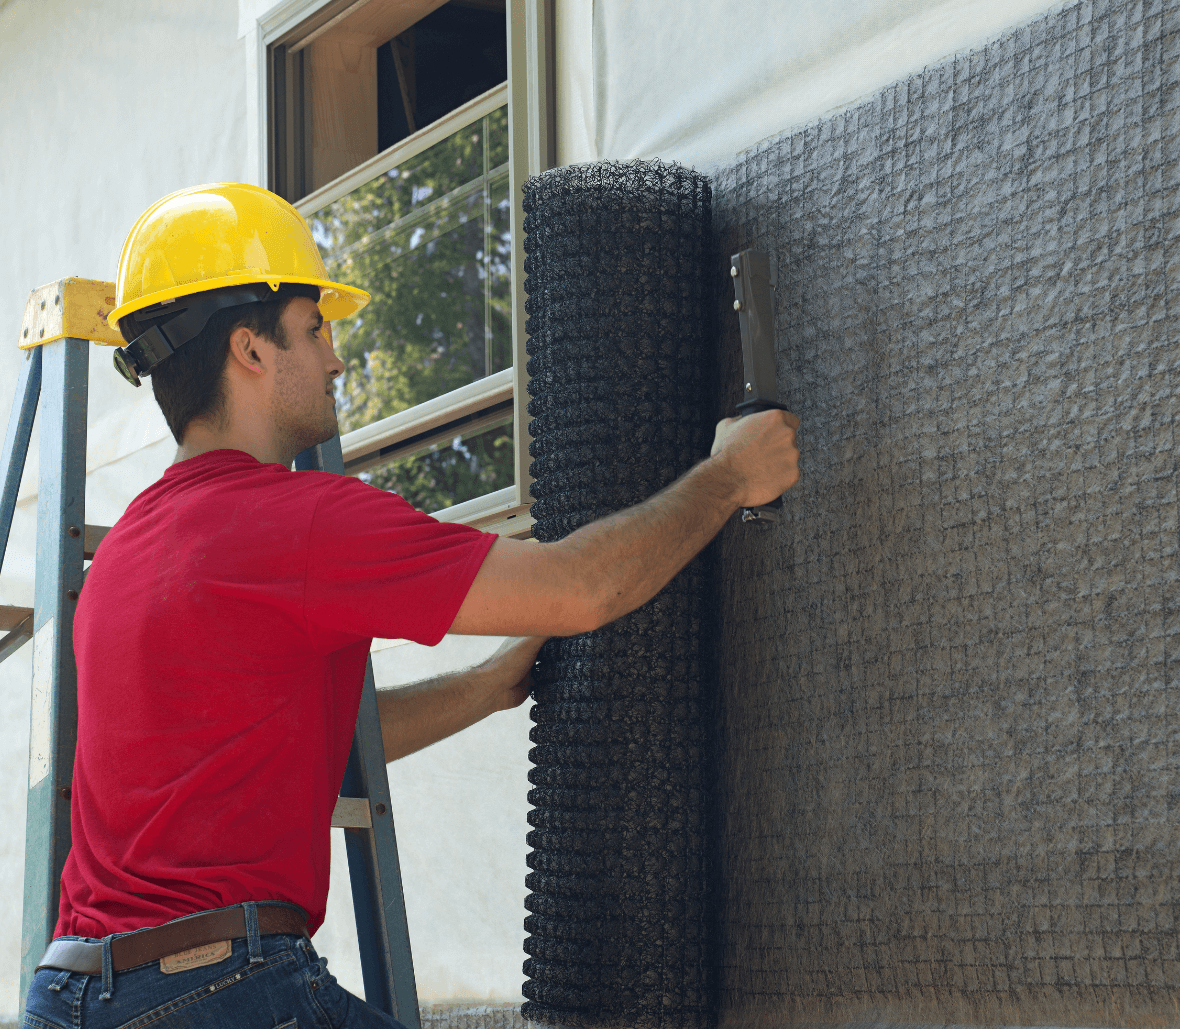 Building contractor installing rainscreen facade EnkaWallDrain on outer envelope Credits Enka Solutions_©Low&Bonar